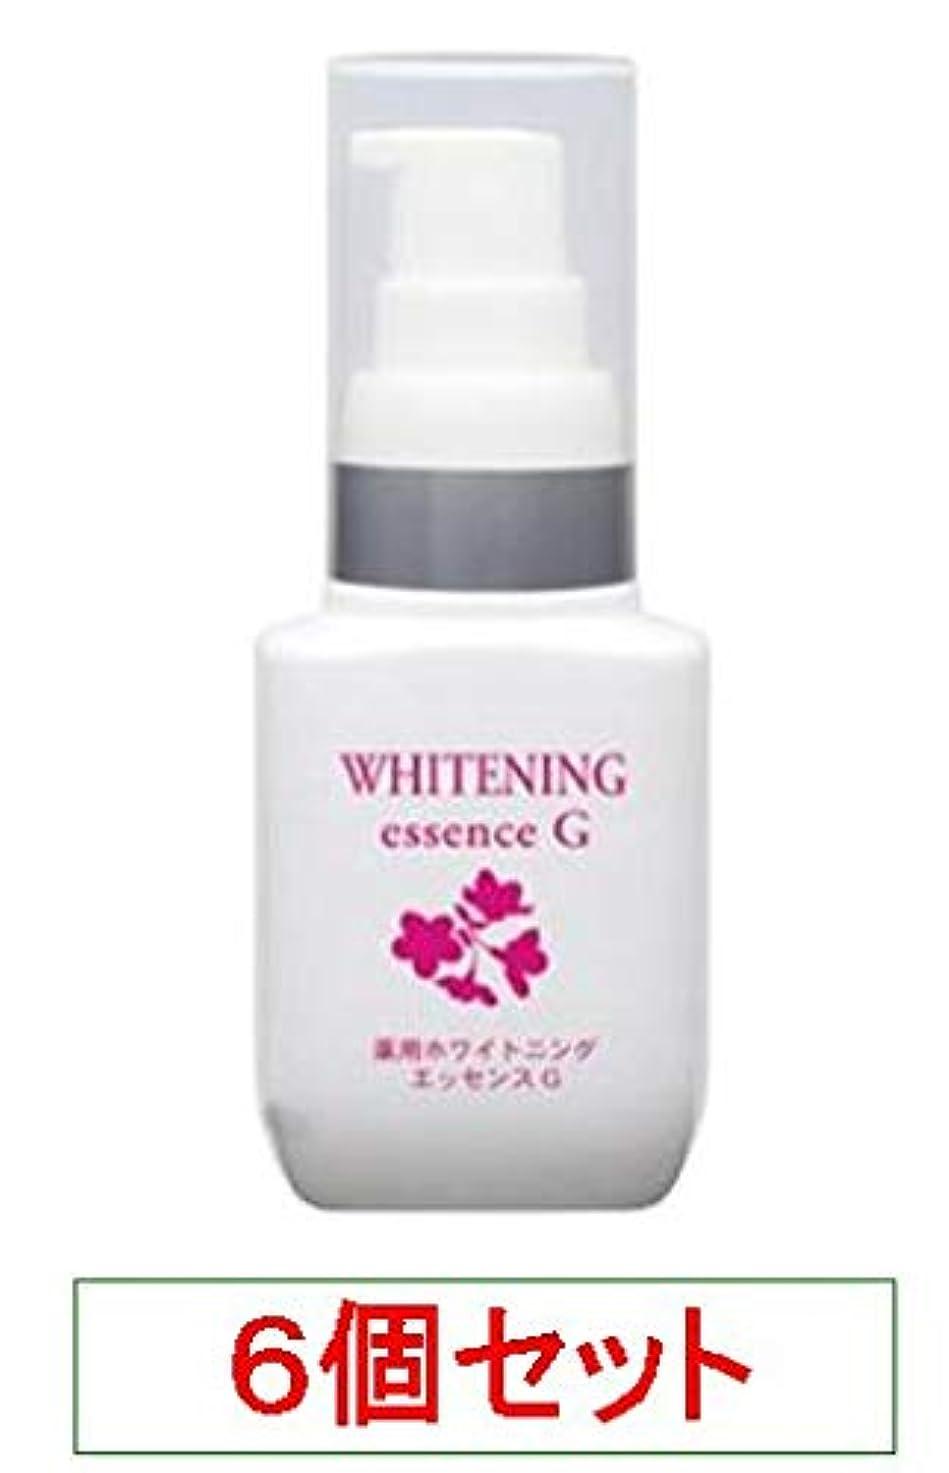 迷惑収益ミリメーターハイム 薬用ホワイトニングエッセンスG 薬用美白美容液 30ml 医薬部外品 X6個セット